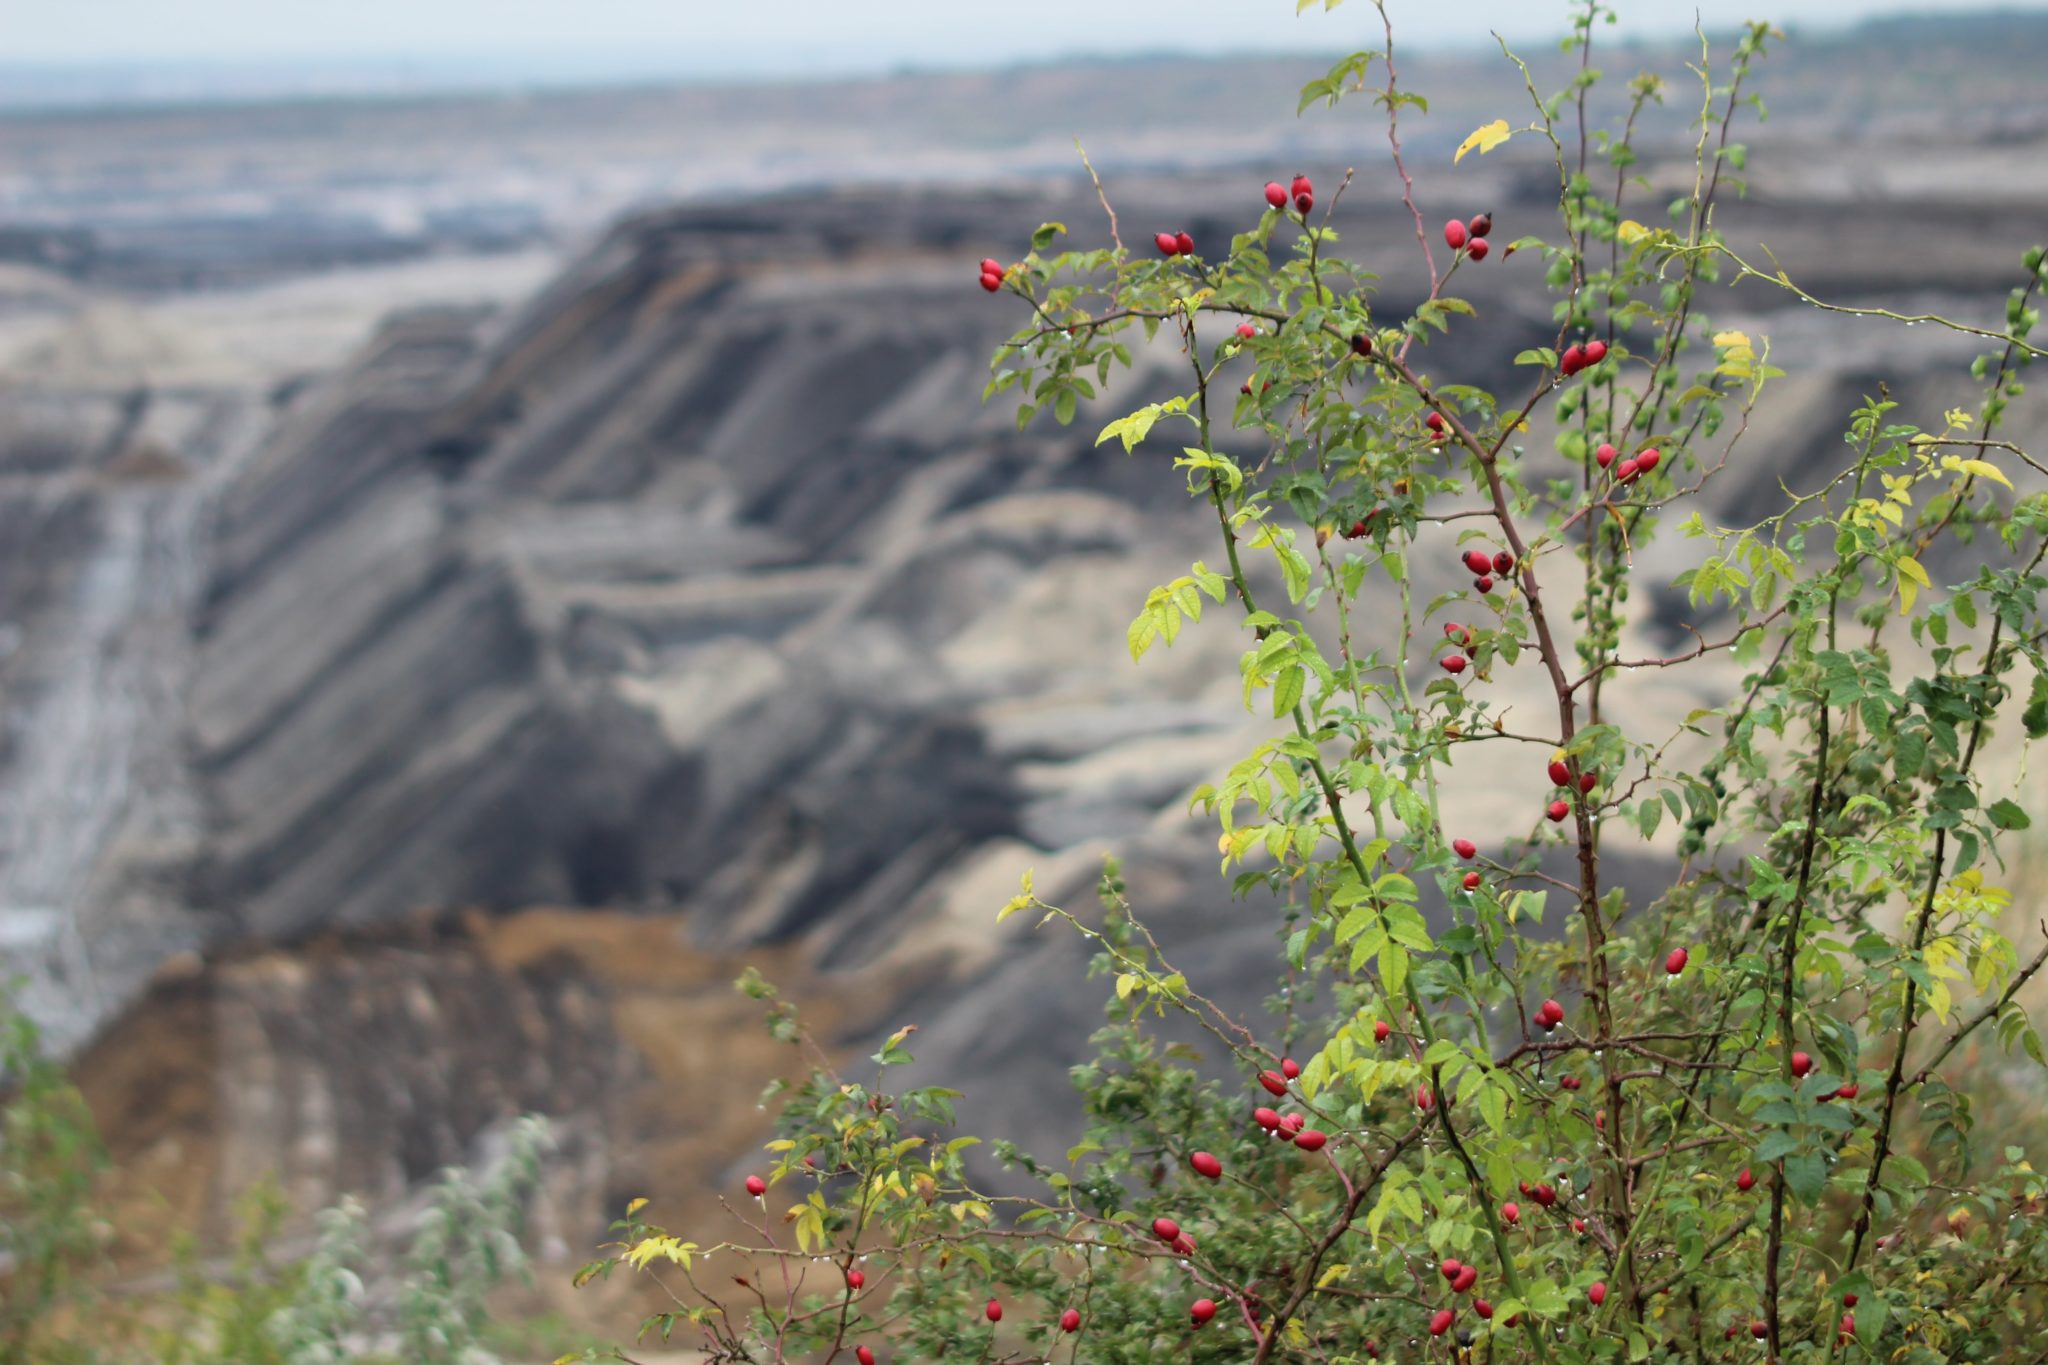 Osmium und die Organisation sind nachhaltig. Stakeholder und die Natur werden verantwortungsbewusst behandelt.